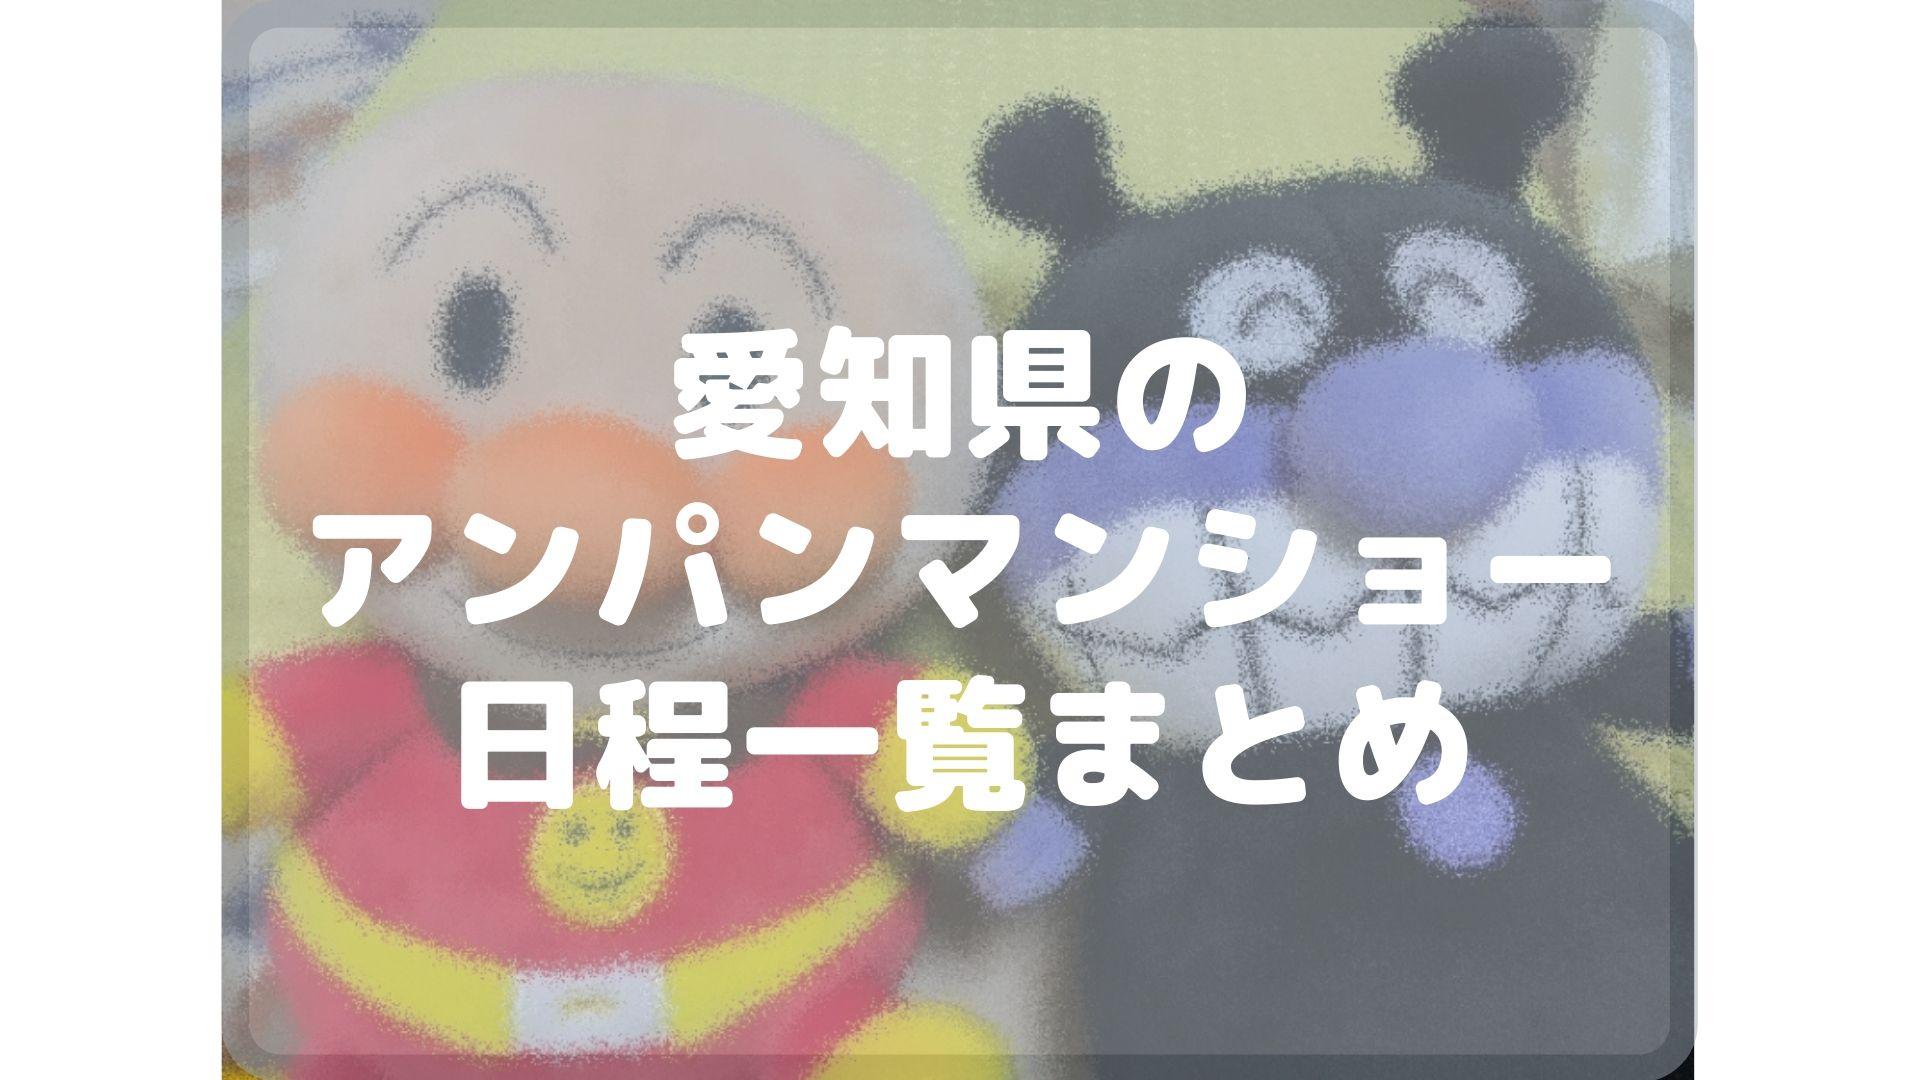 愛知県のアンパンマンショーまとめタイトル画像